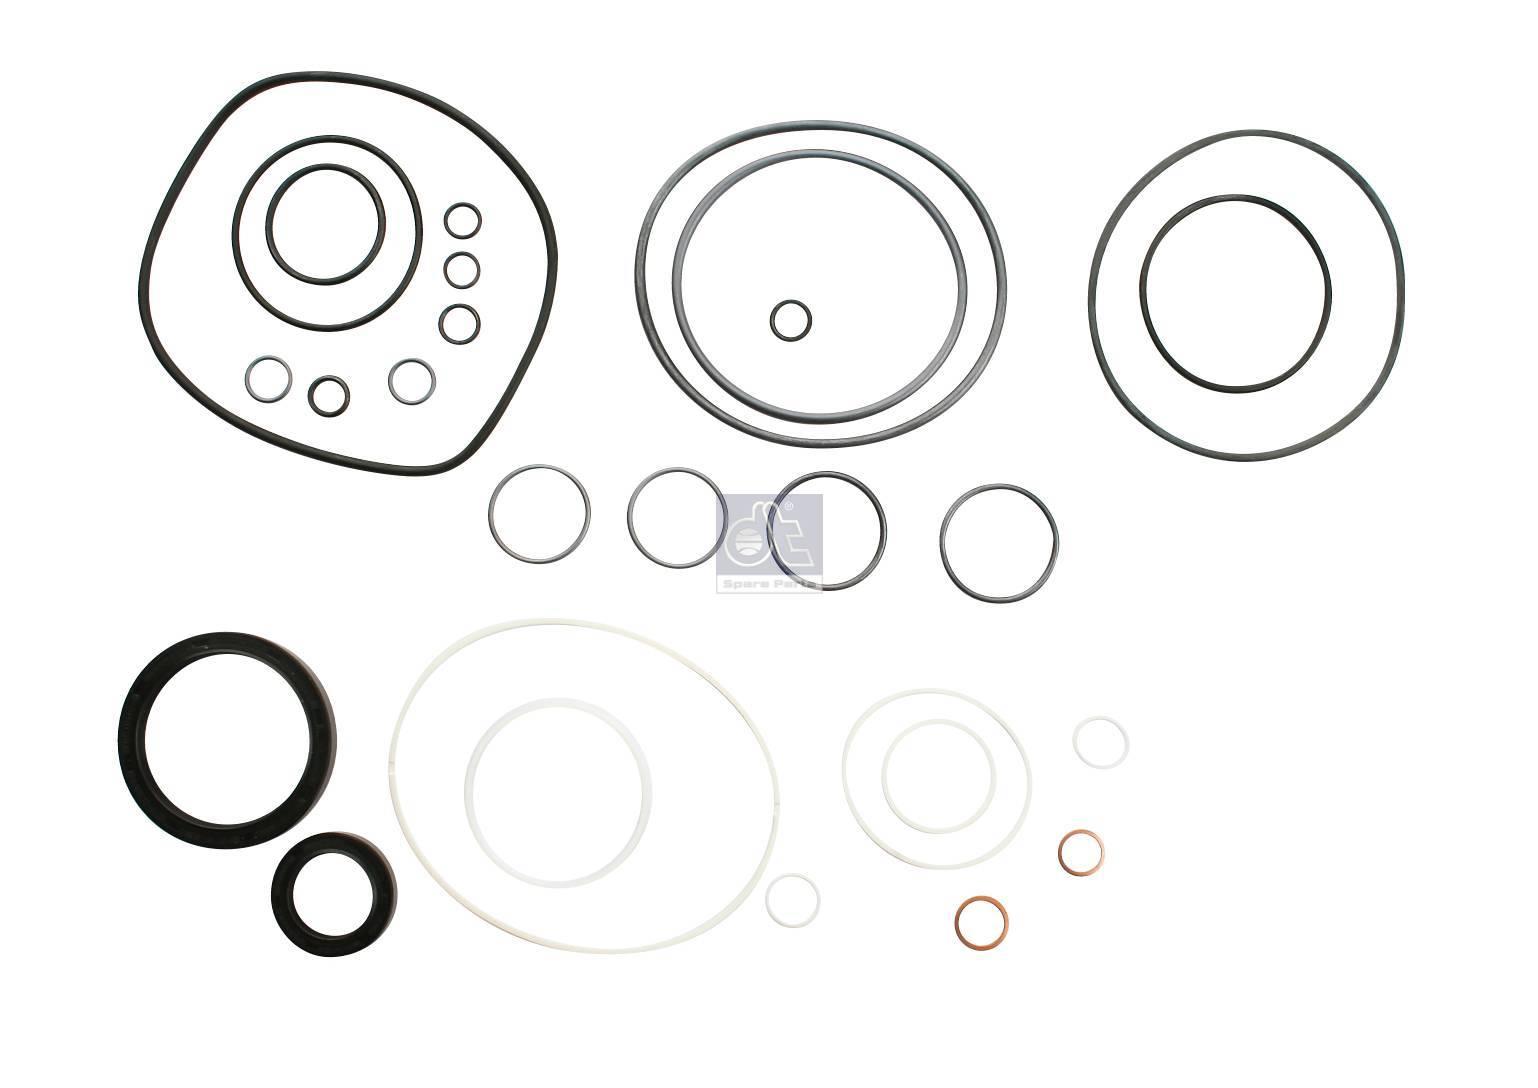 Dt 4 Repair Kit Steering Gear Suitable